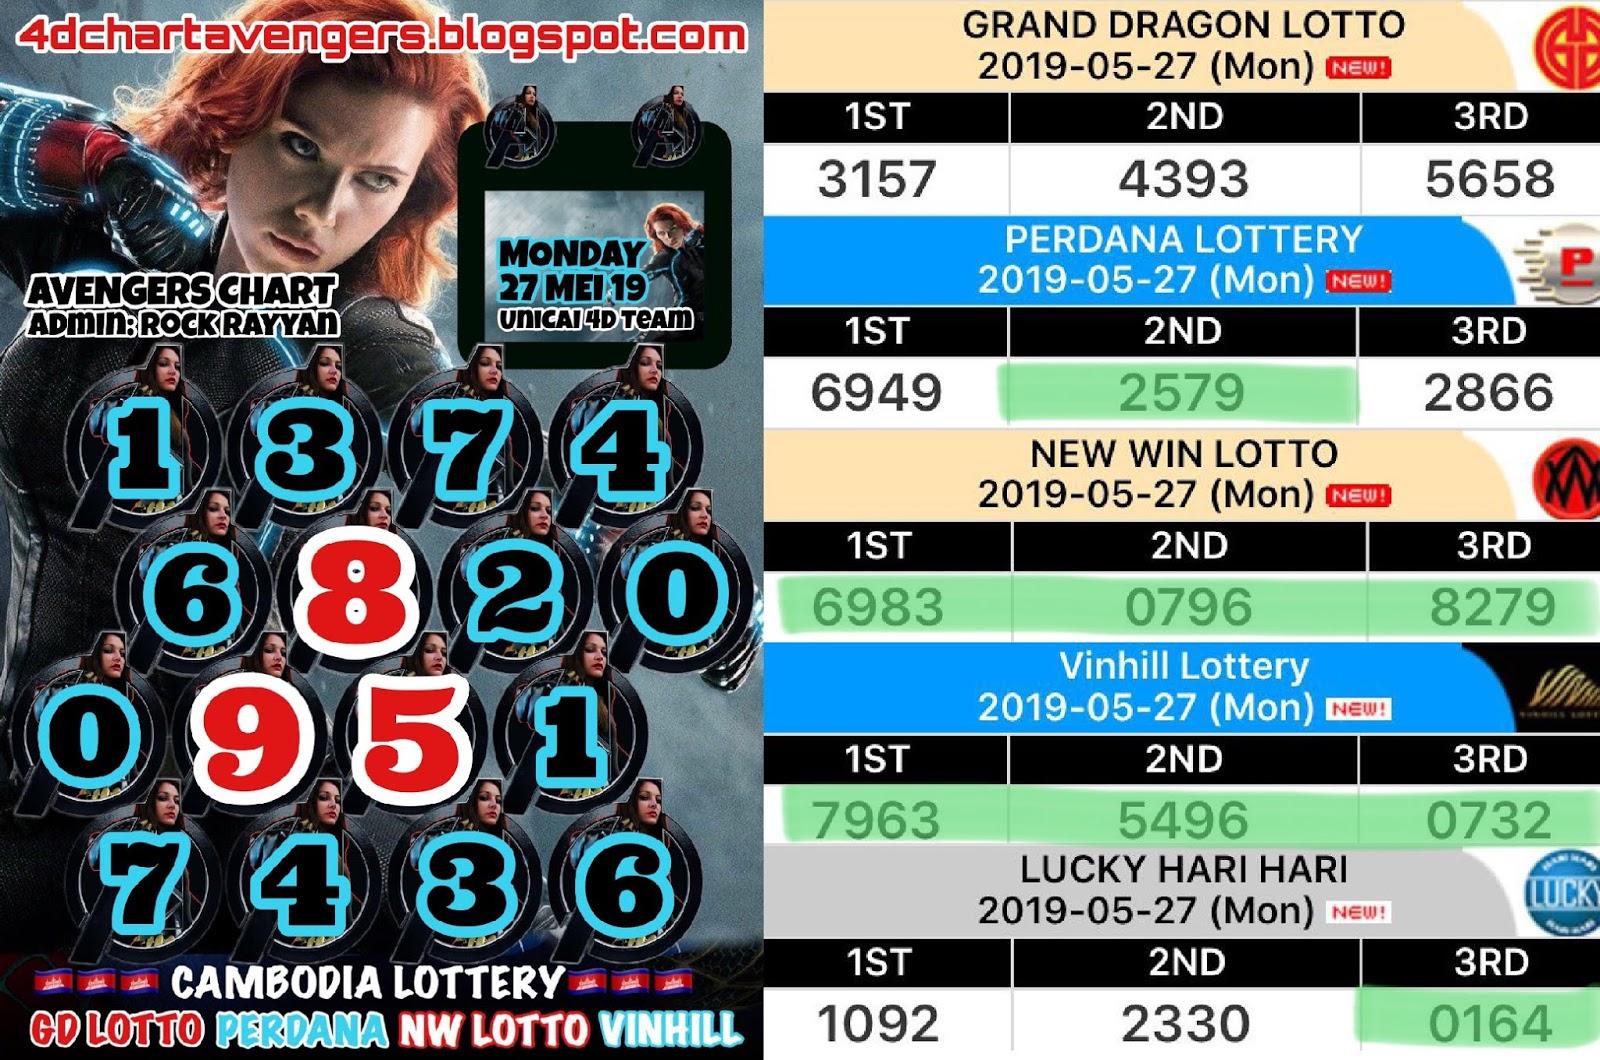 Perdana lottery